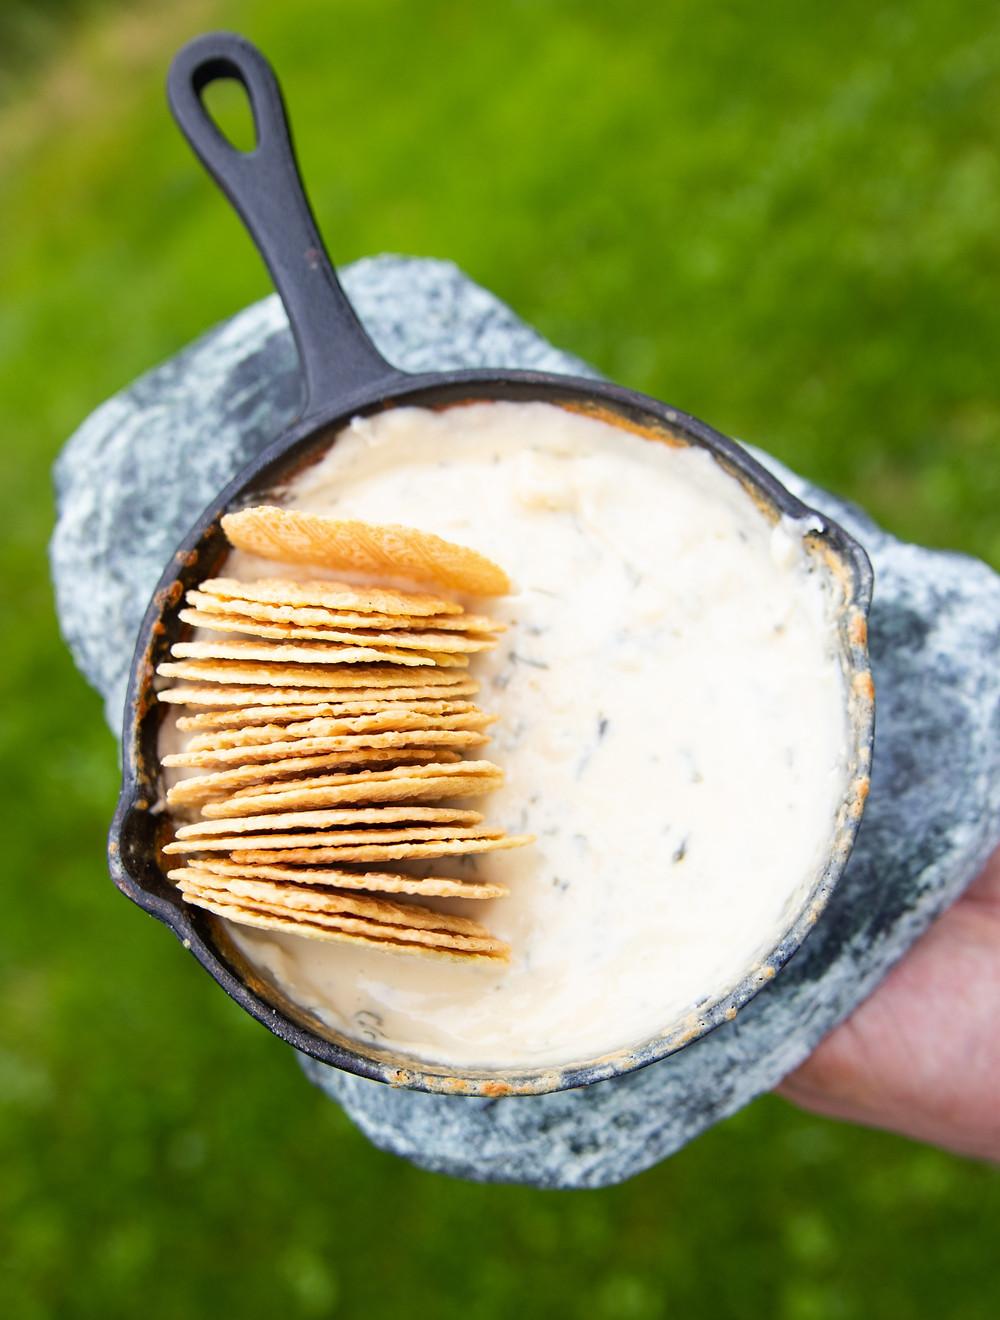 sūrių fondiu, grilio patiekalai